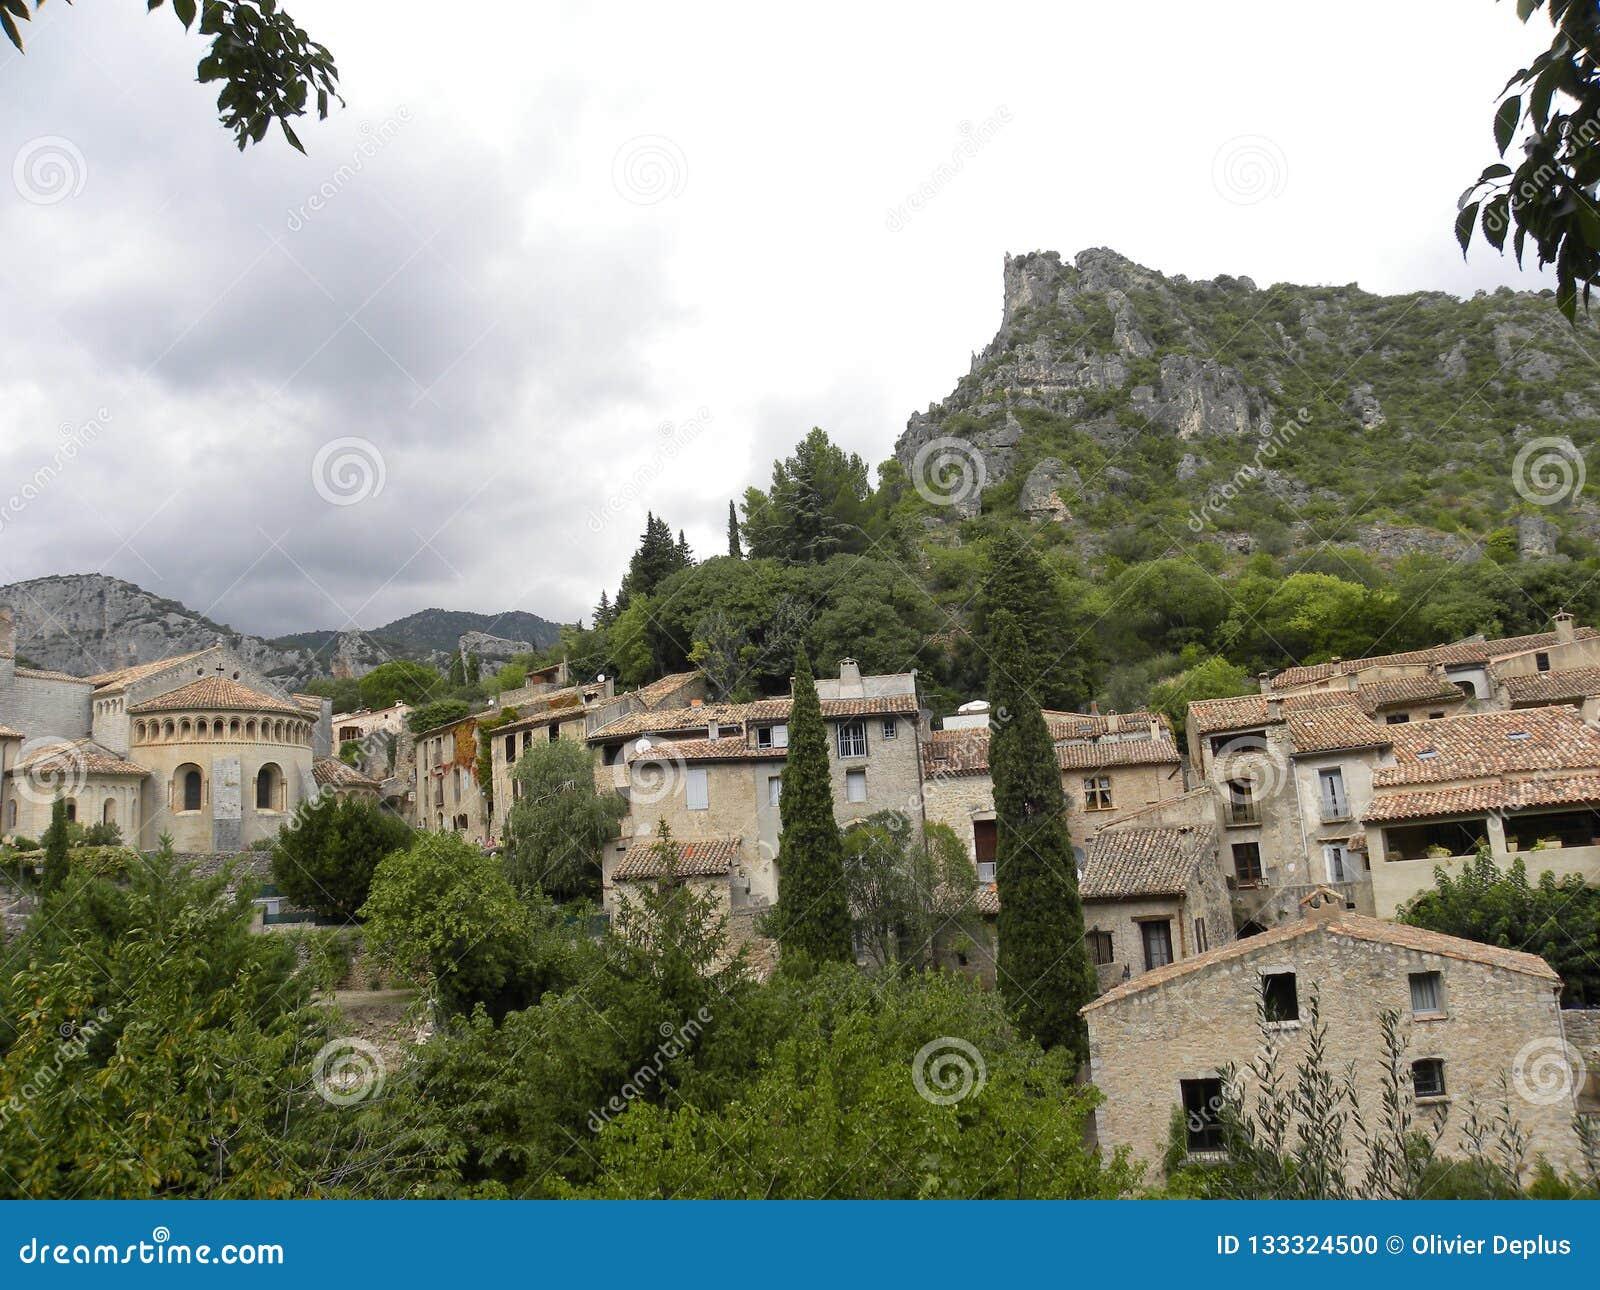 Saint-guilhem-le-desert, a village in herault, languedoc, france